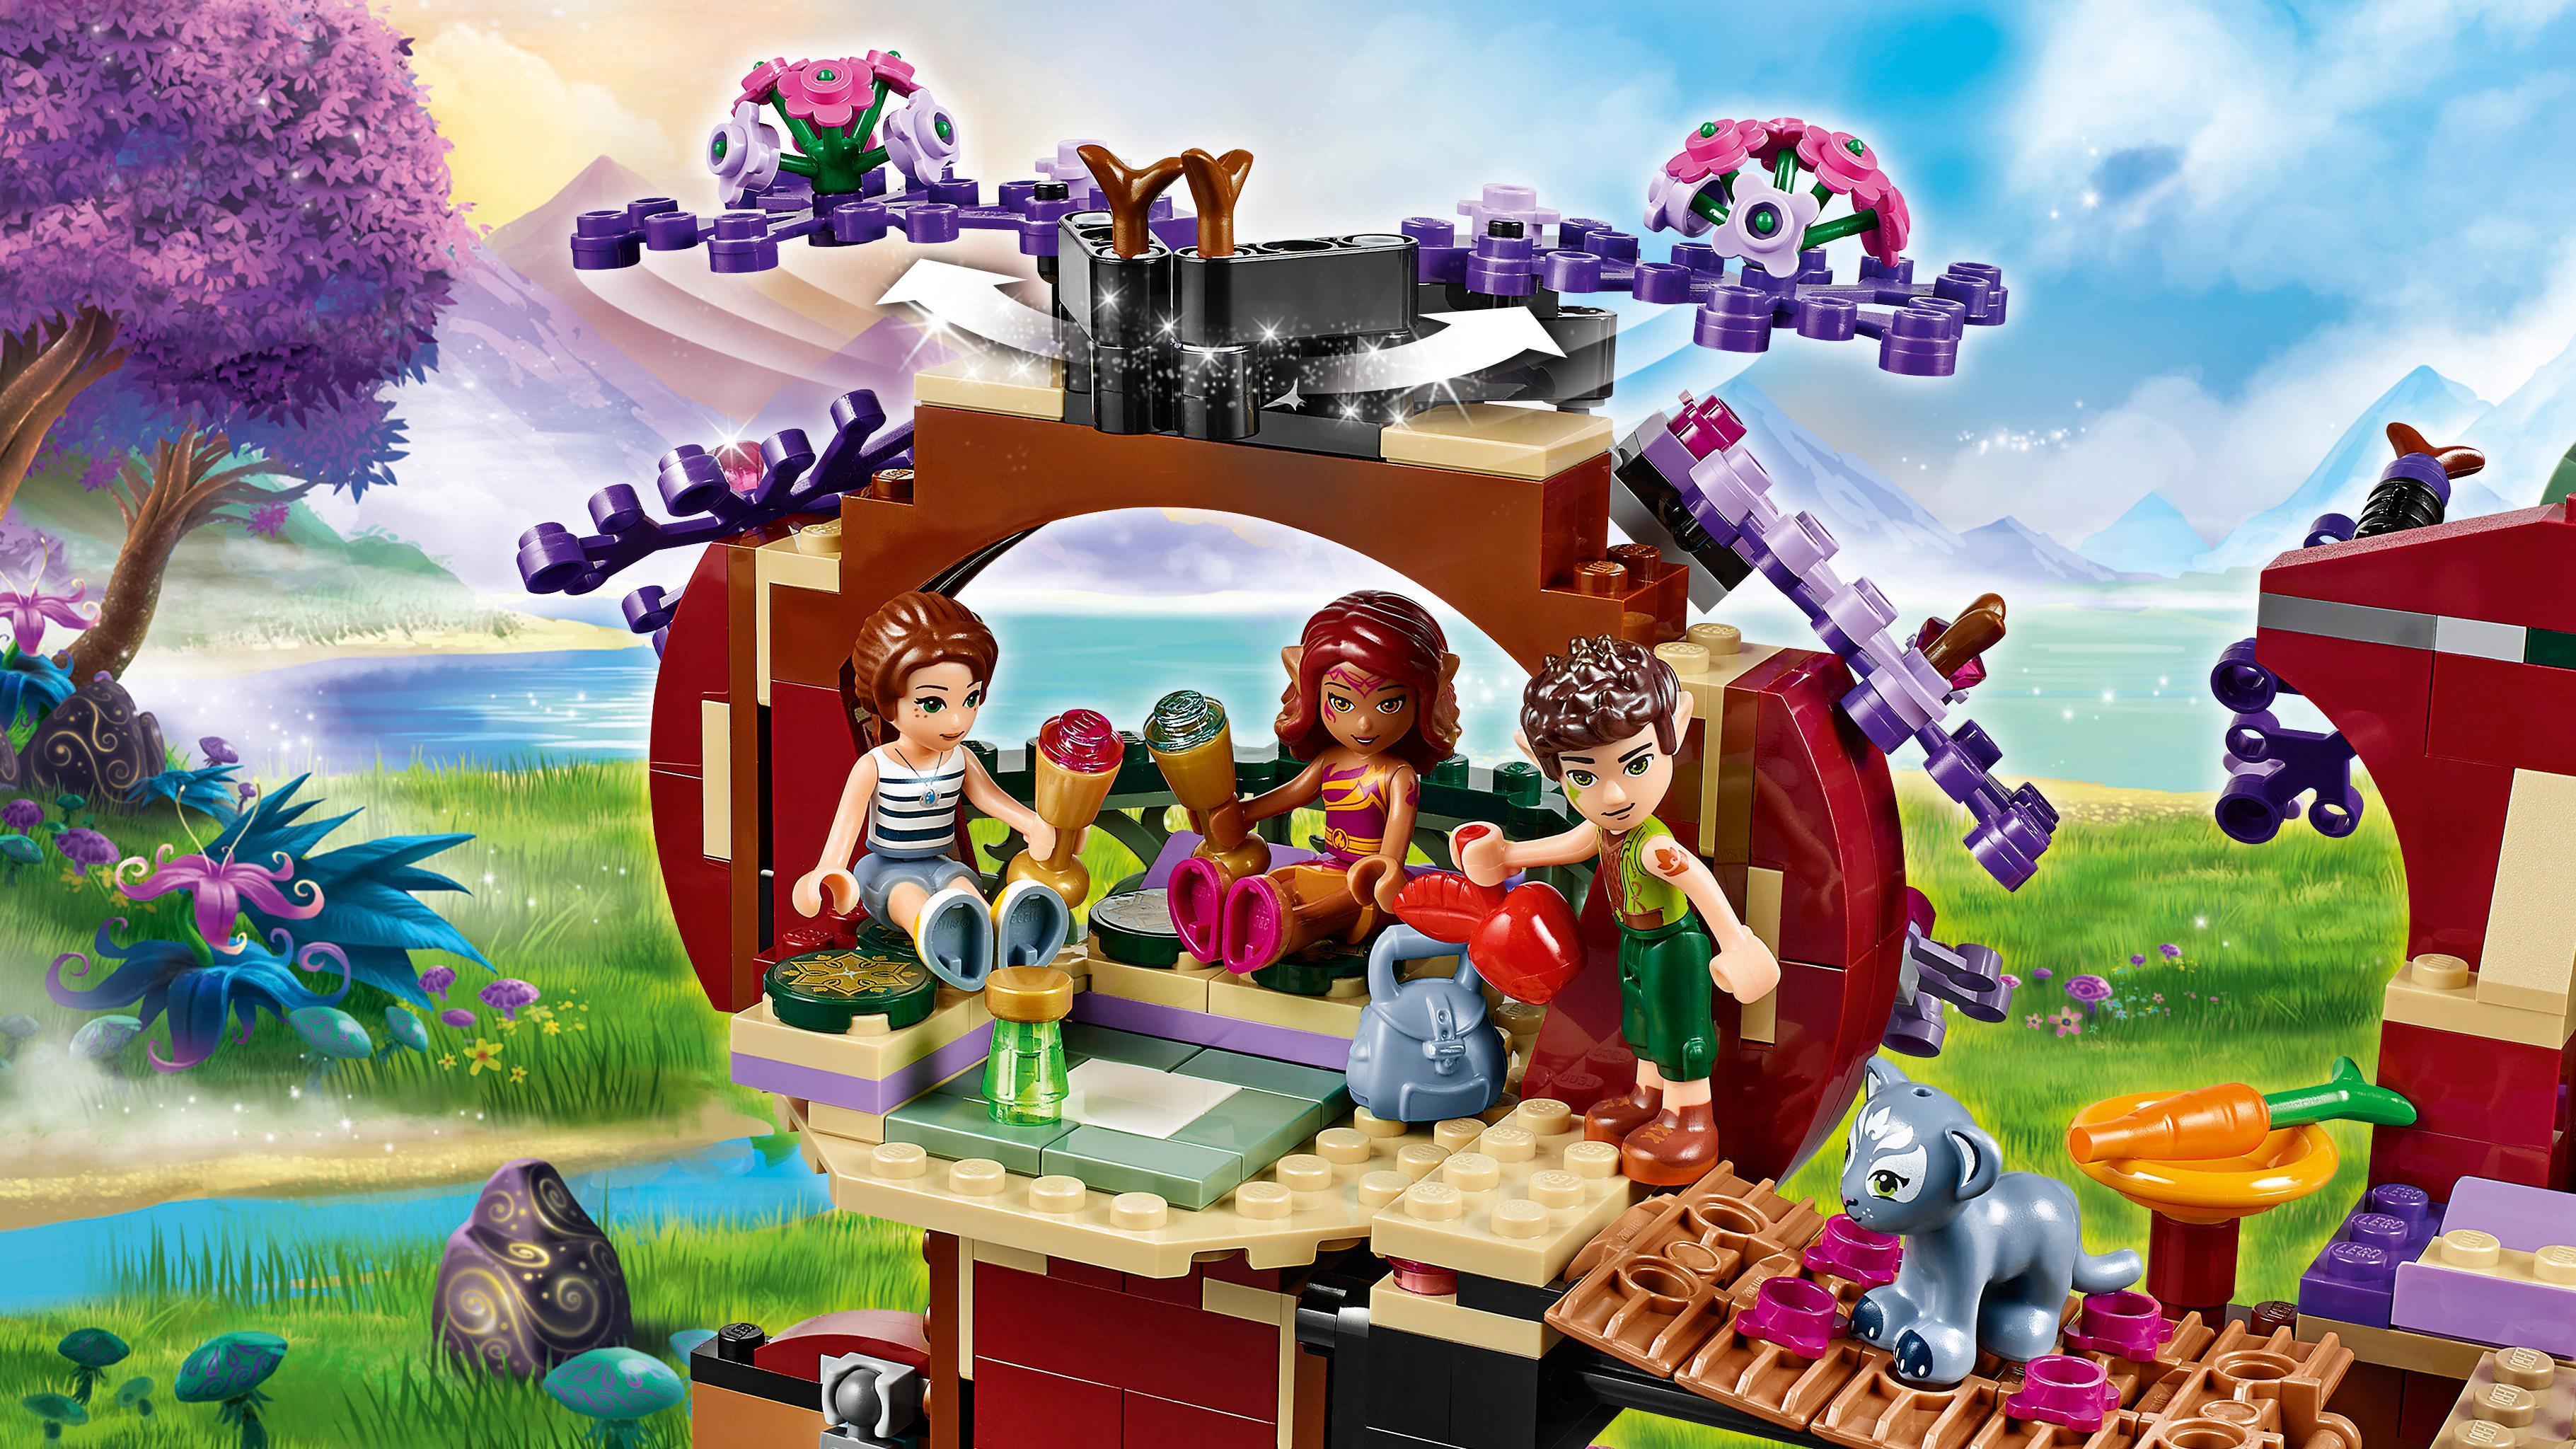 LEGO Elves 4107... Mother Jones